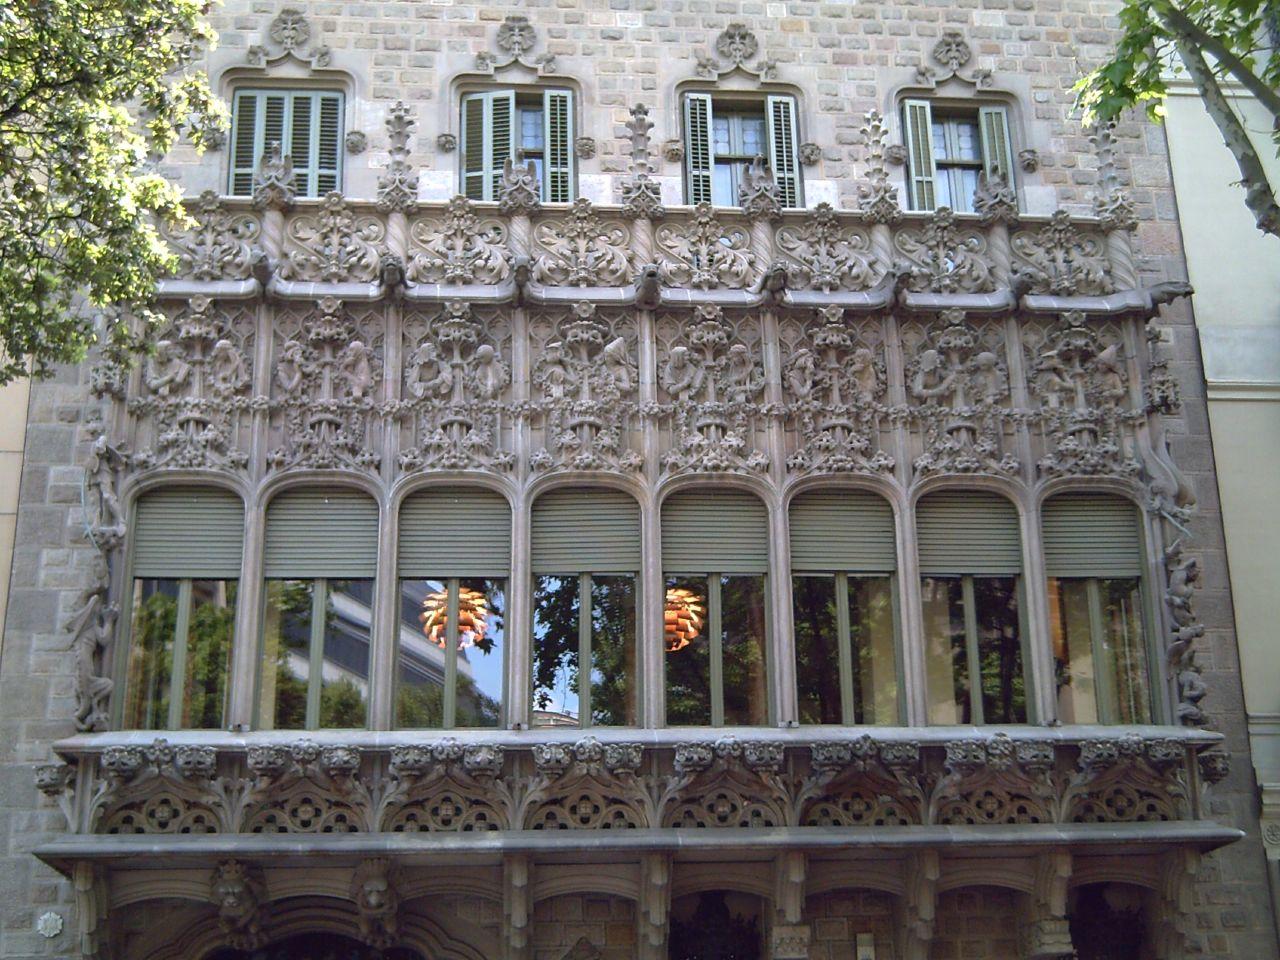 Palau del Baró de Quadras by Cadafalch, Barcelona